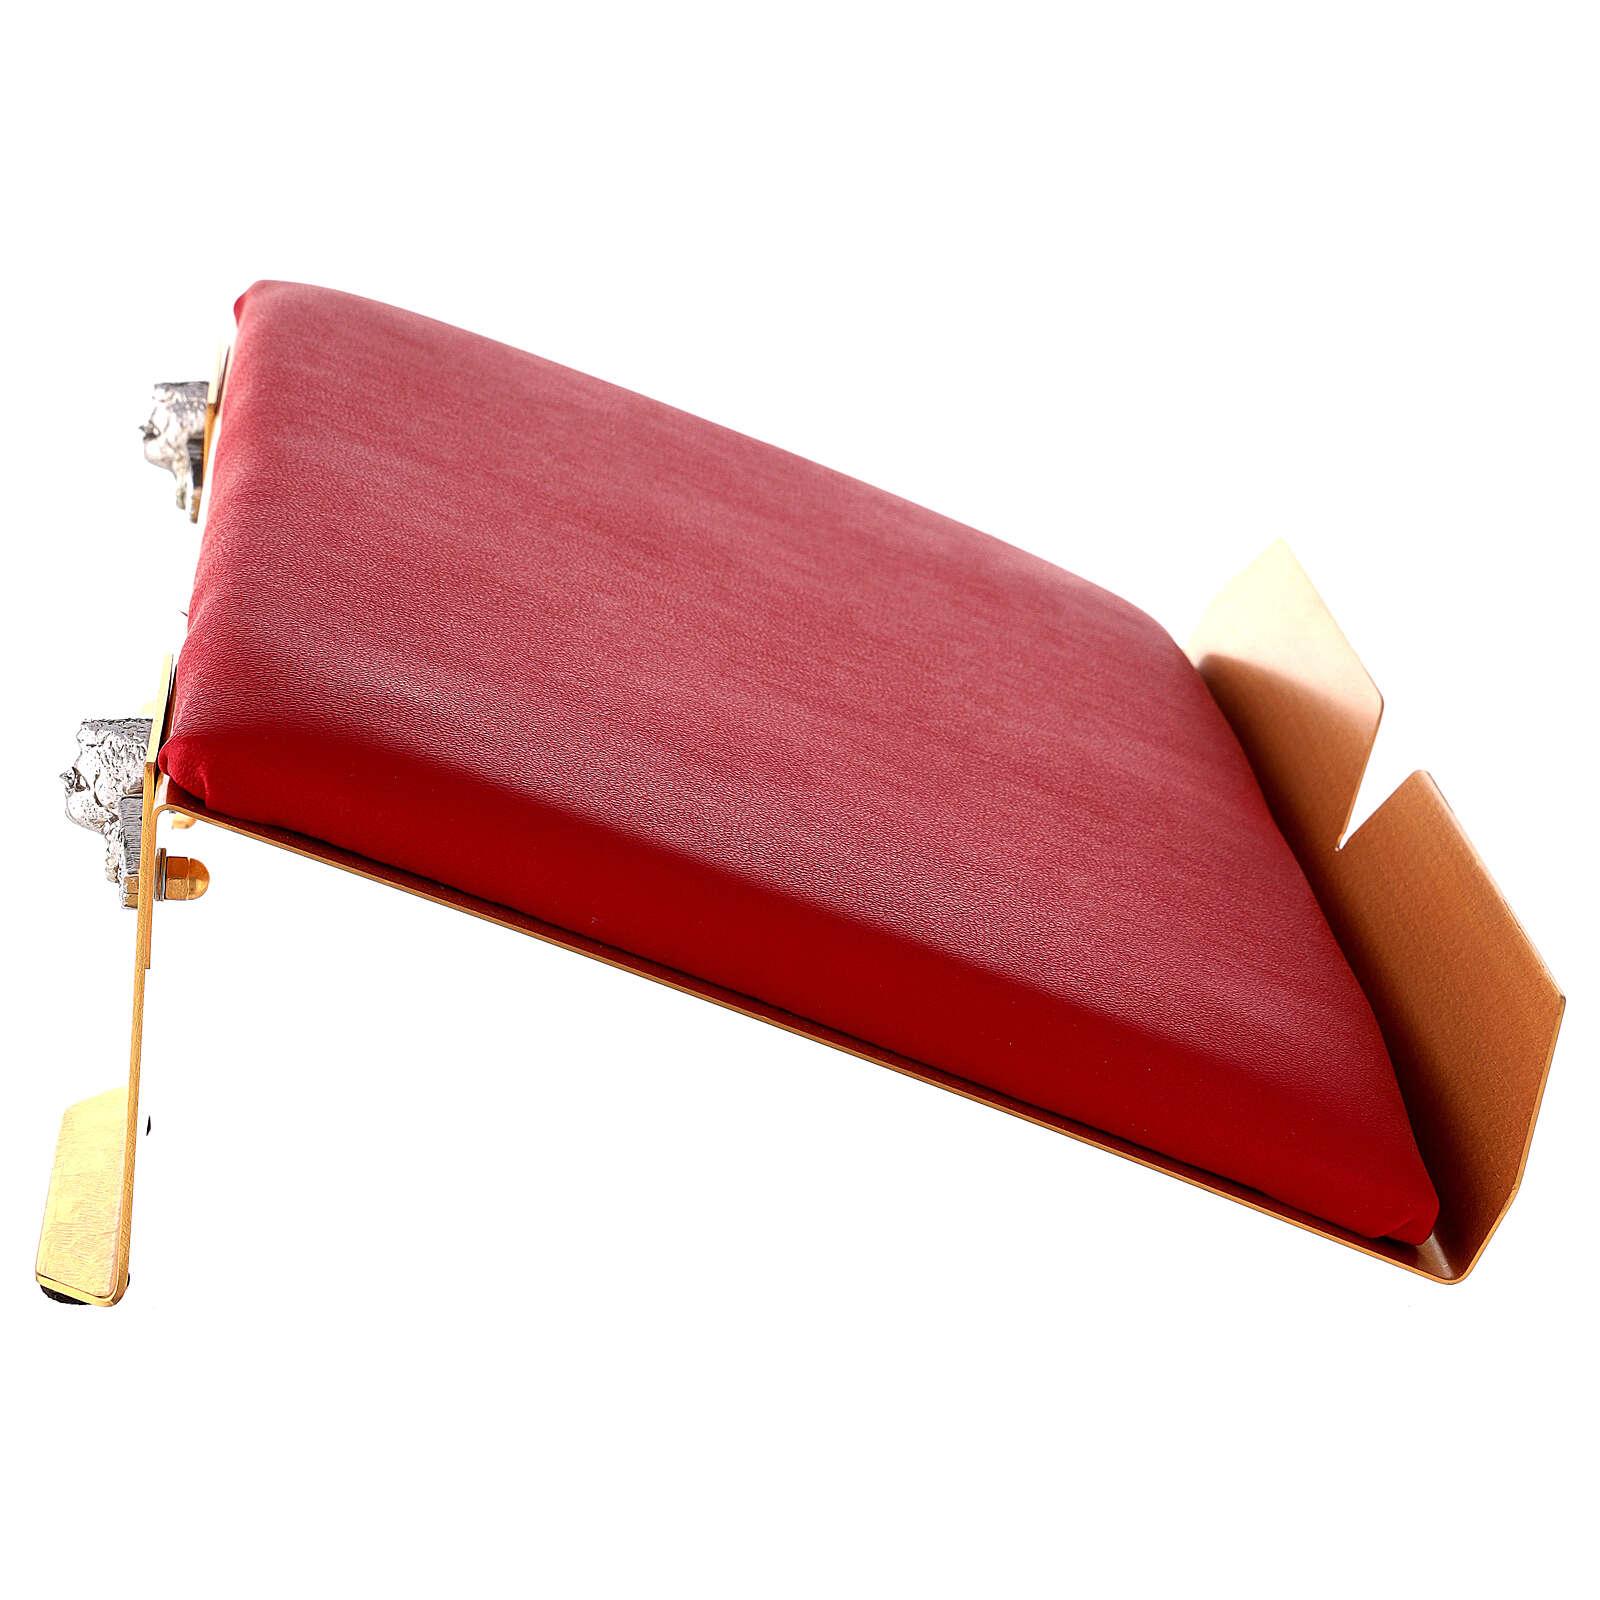 Leggio da mensa bicolore 38x25 cm fatto a mano 4